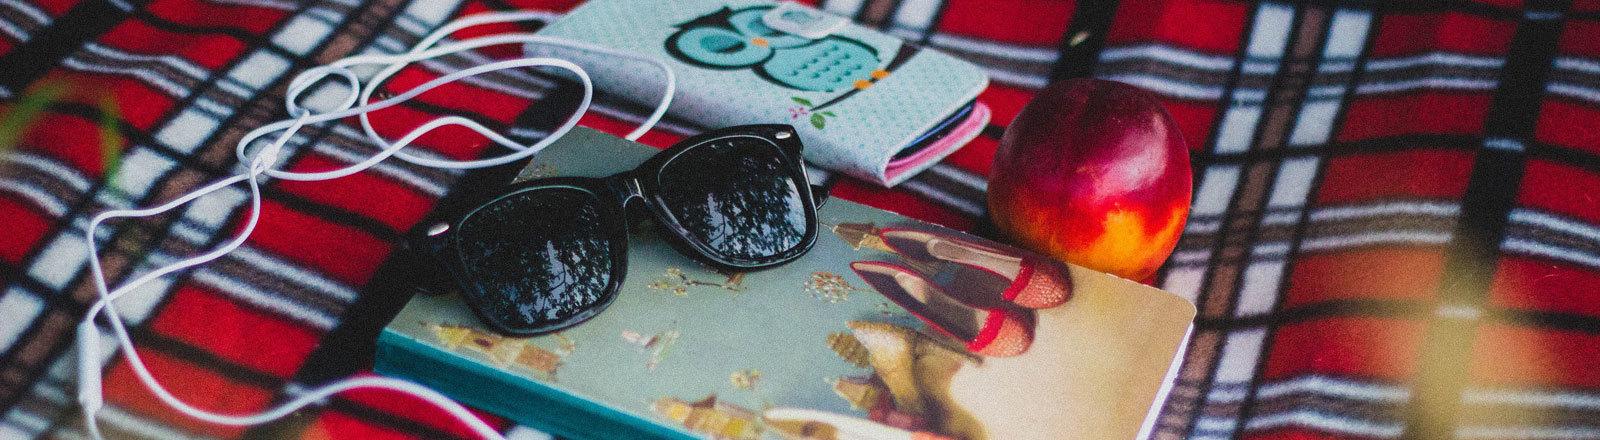 Decke, Buch, Sonnenbrille, Smartphone, Kopfhörer, Nektarine